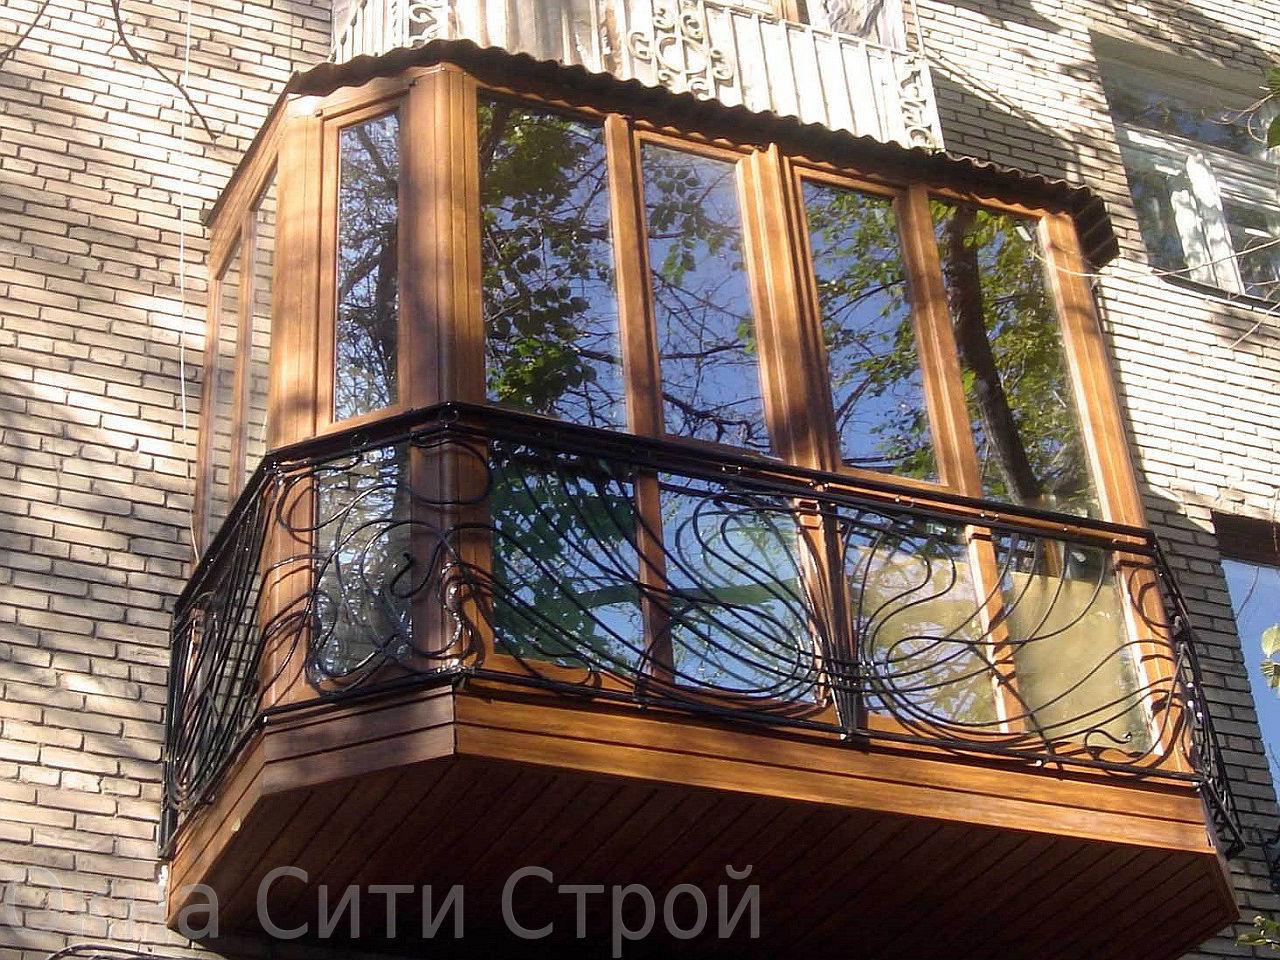 Наружный дизайн балкона. - остекление - каталог статей - рем.